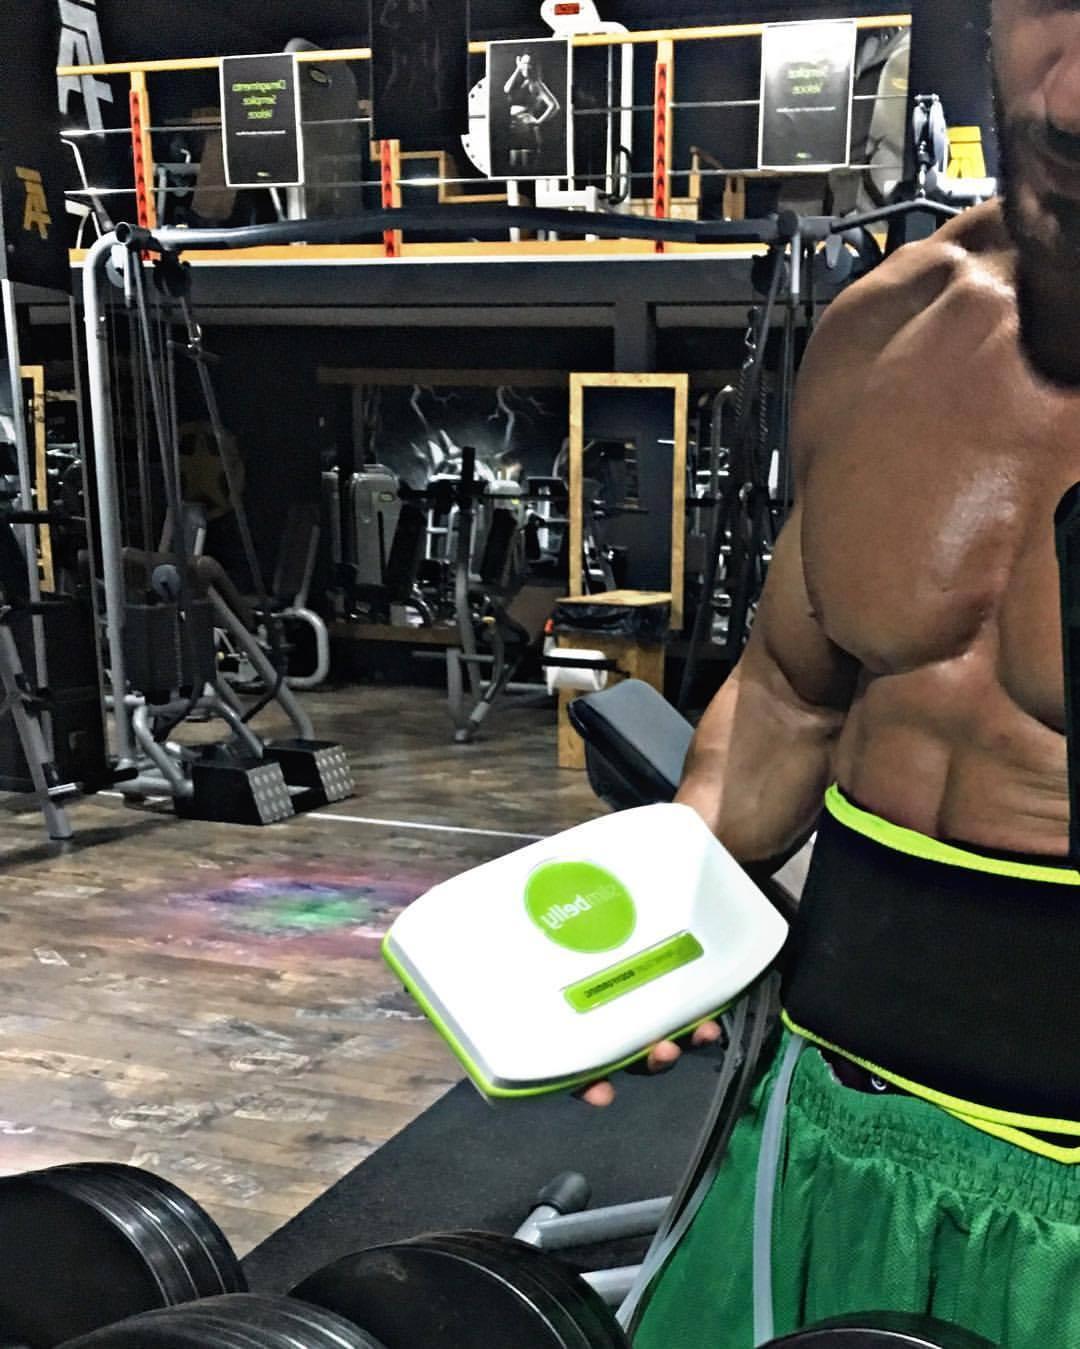 programma di dieta di perdita di peso del personal trainer